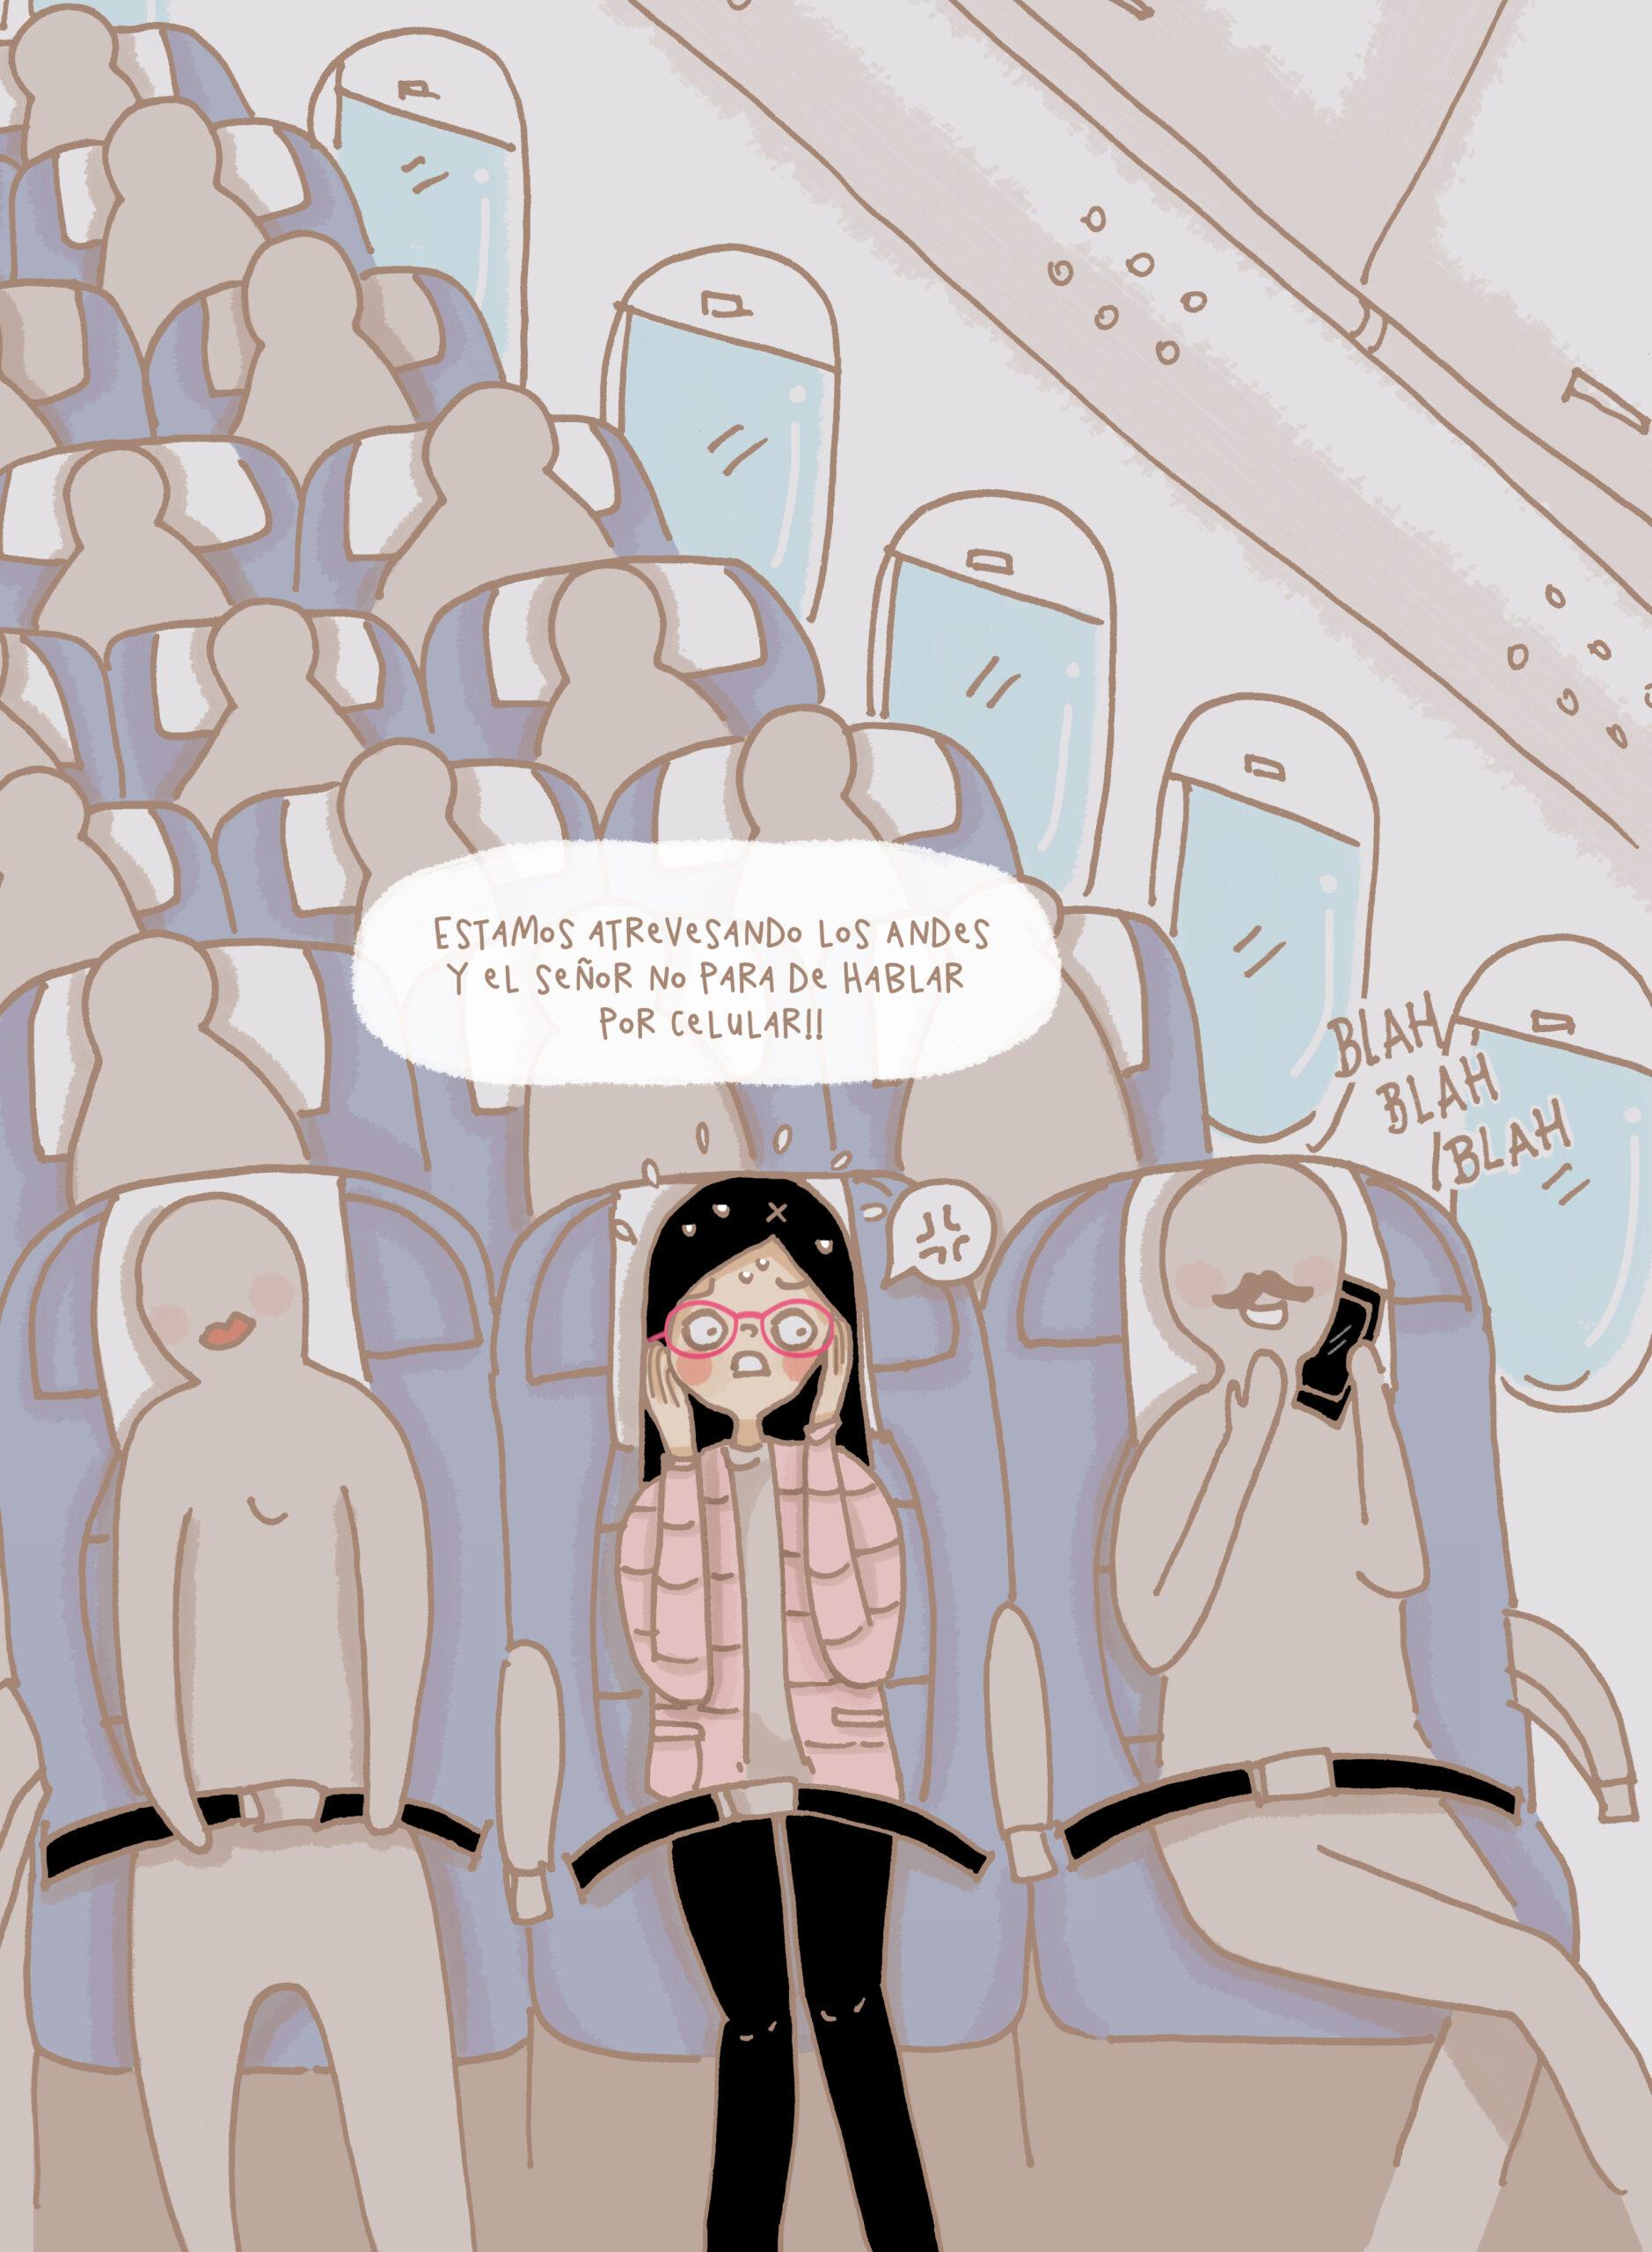 ilustración de asientos de avión y alguien hablando por teléfono